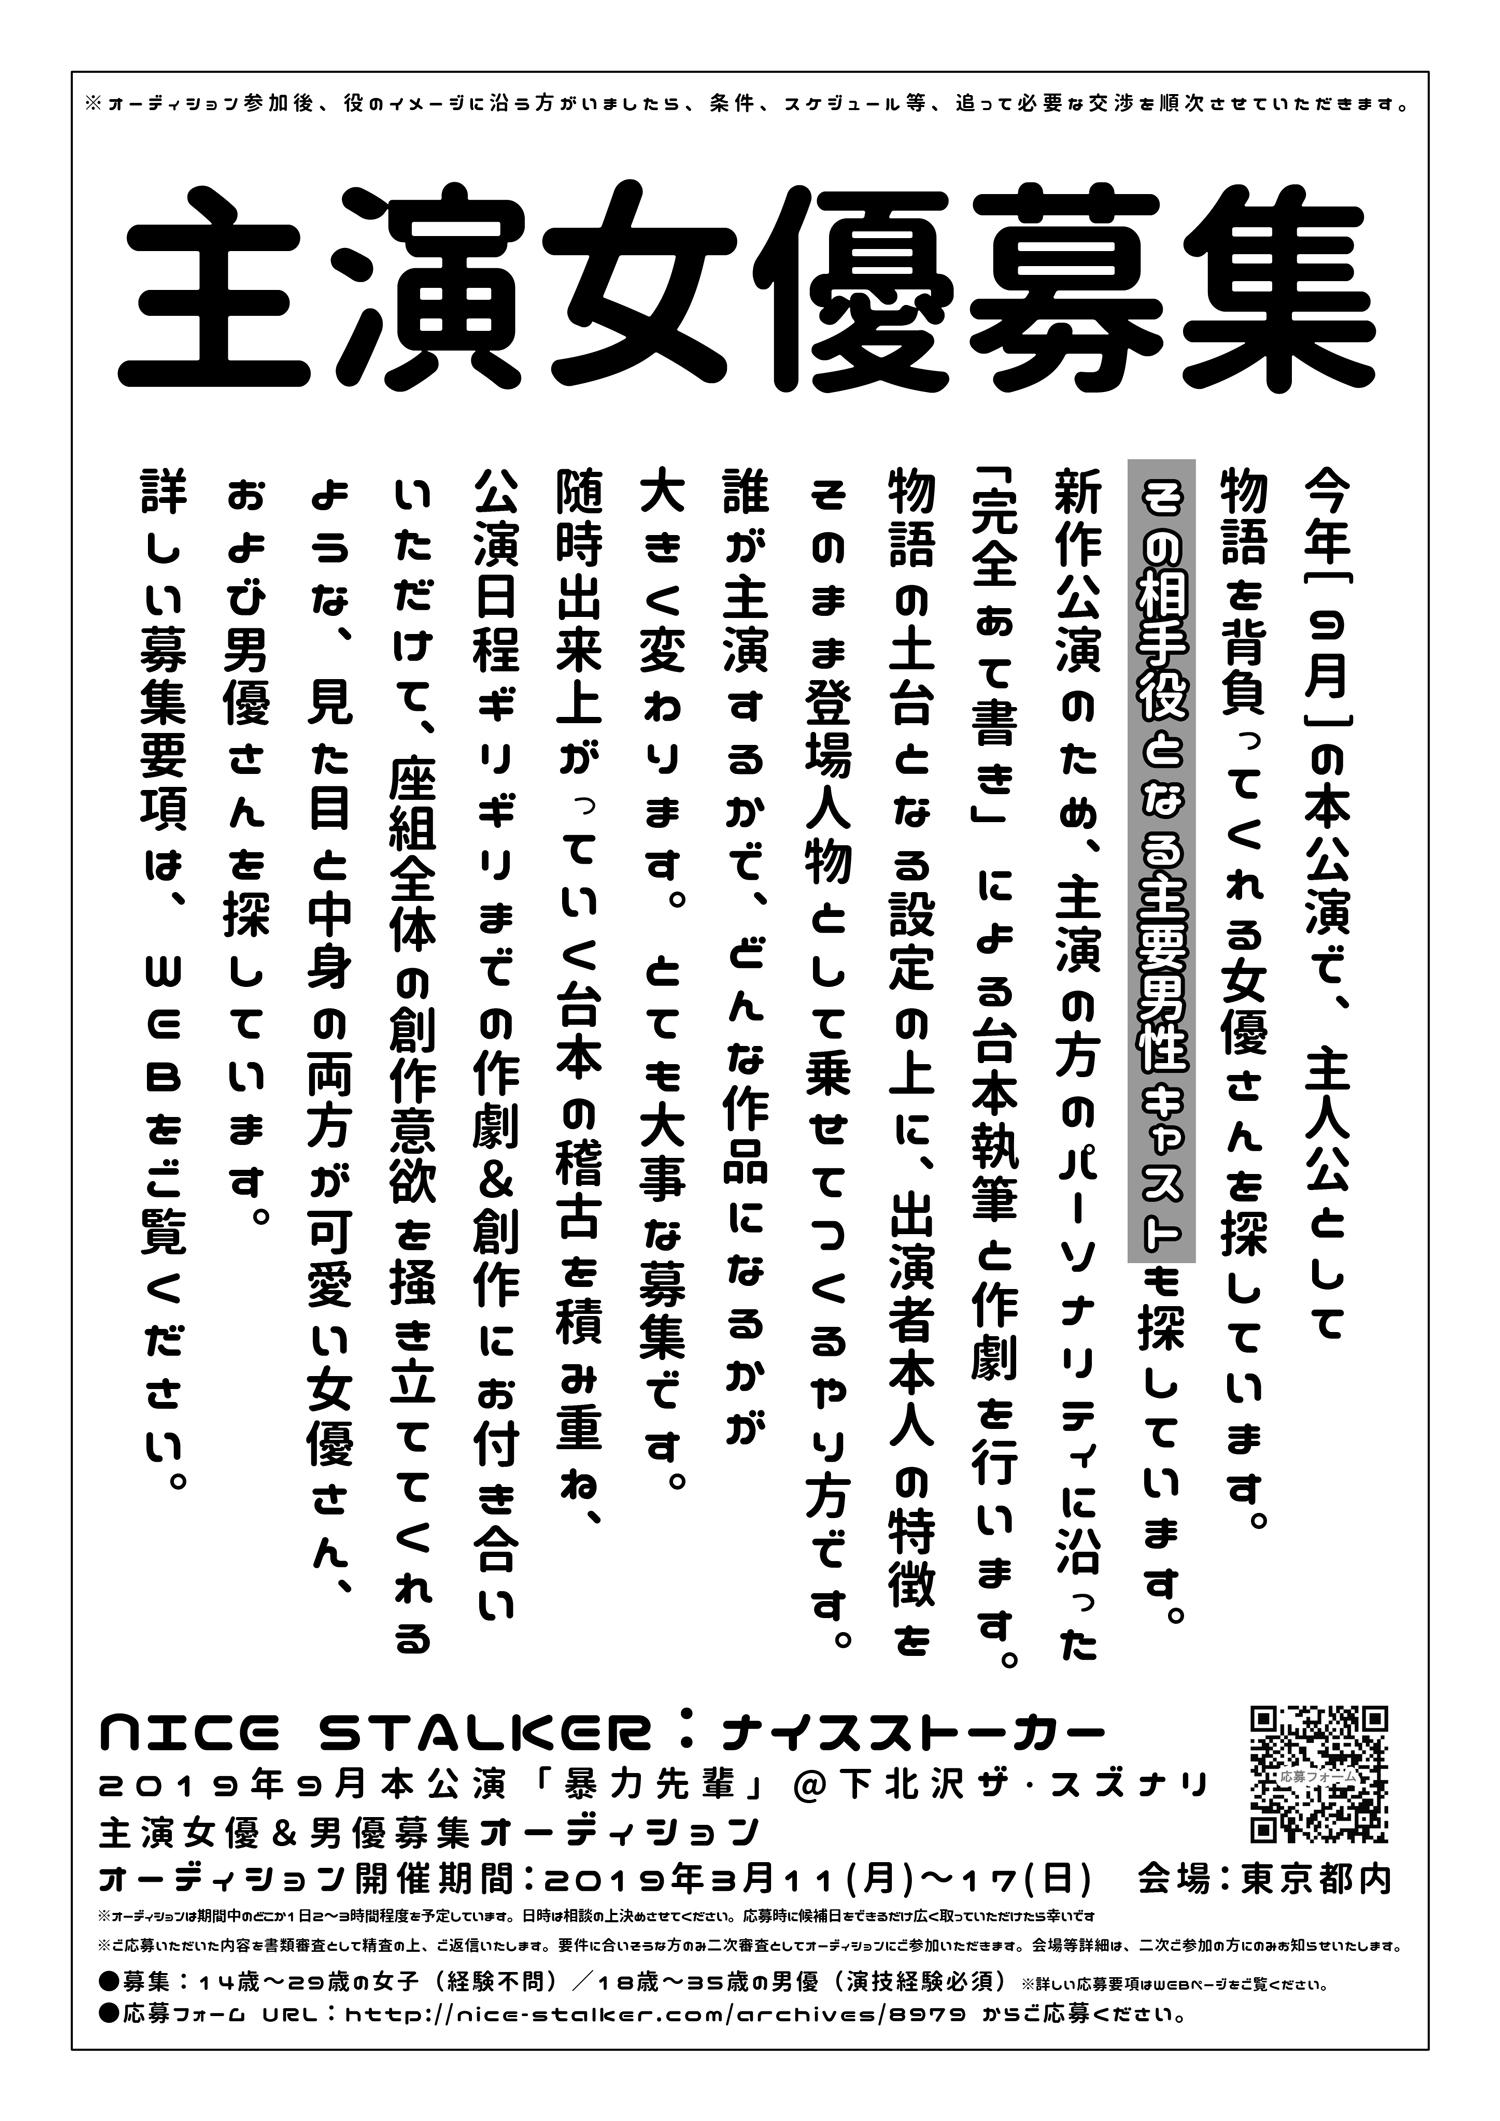 【主演女優 募集】オーディション開催:2019年3/11(月)~17(日)【9月公演「暴力先輩」@下北沢ザ・スズナリ】